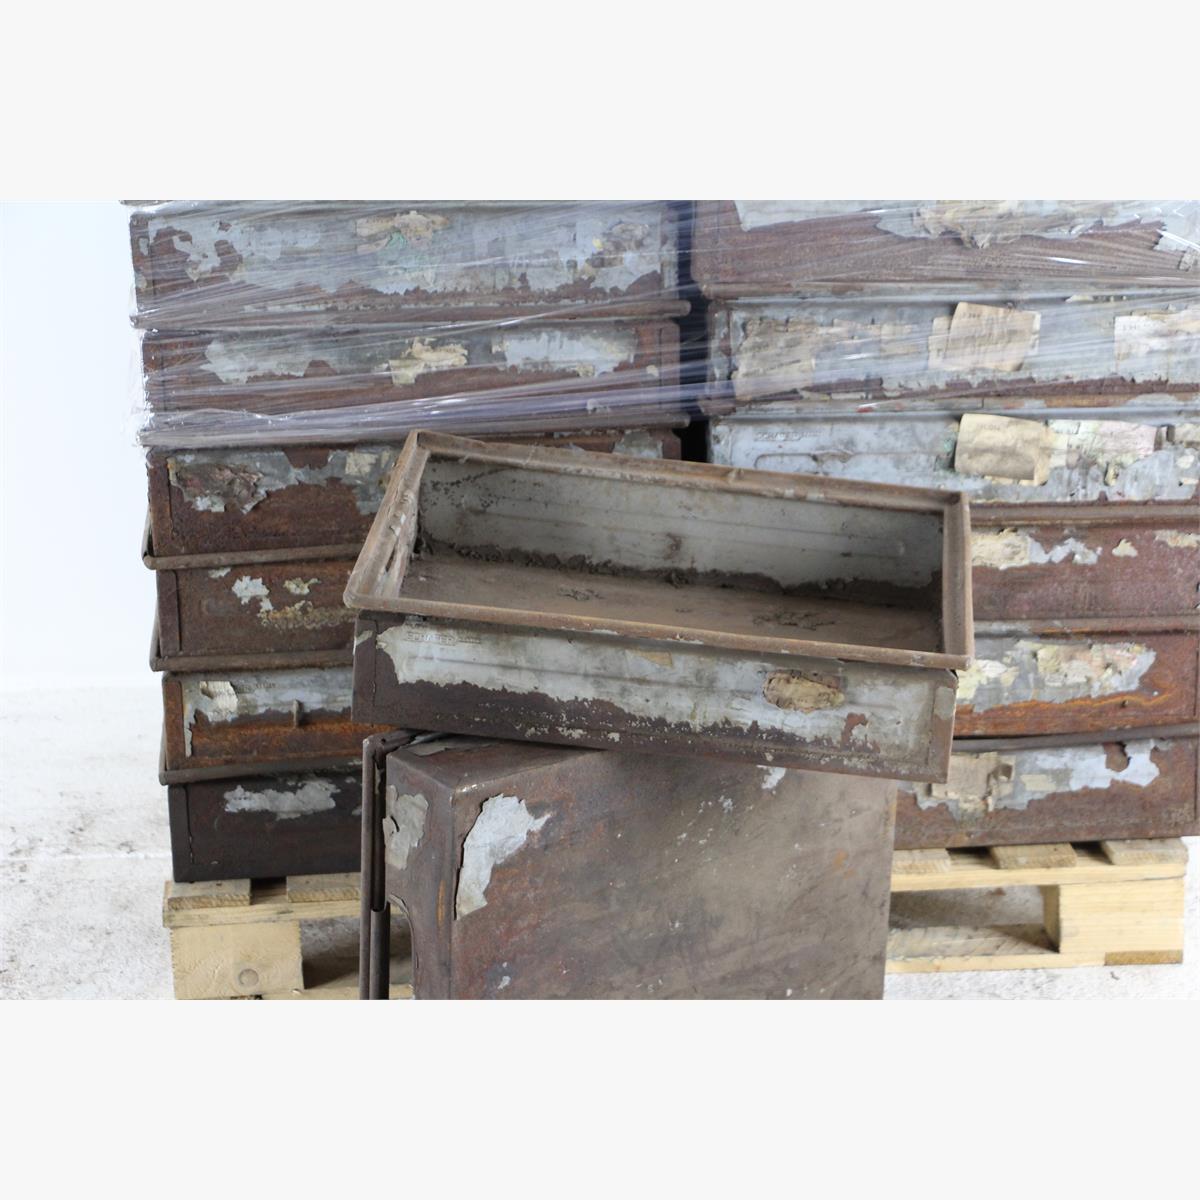 Afbeeldingen van oude metalen  kisten schaferkasten idem als philips kisten